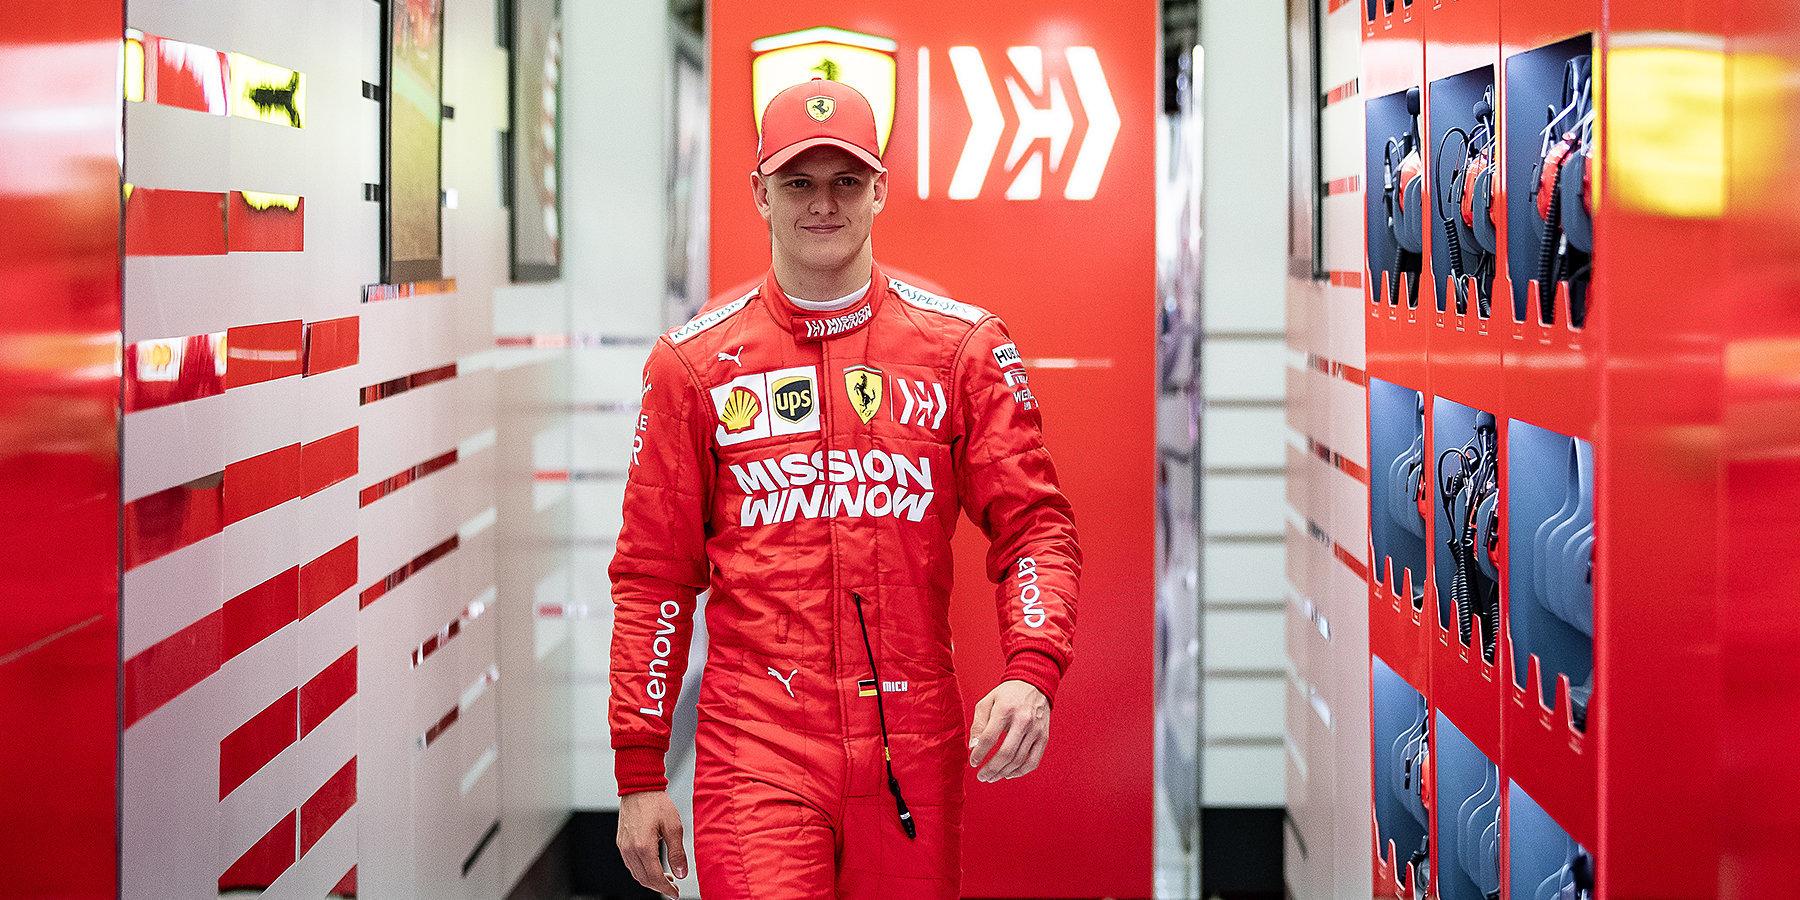 Феттель считает, что сын Шумахера заслужил место в «Формуле-1»